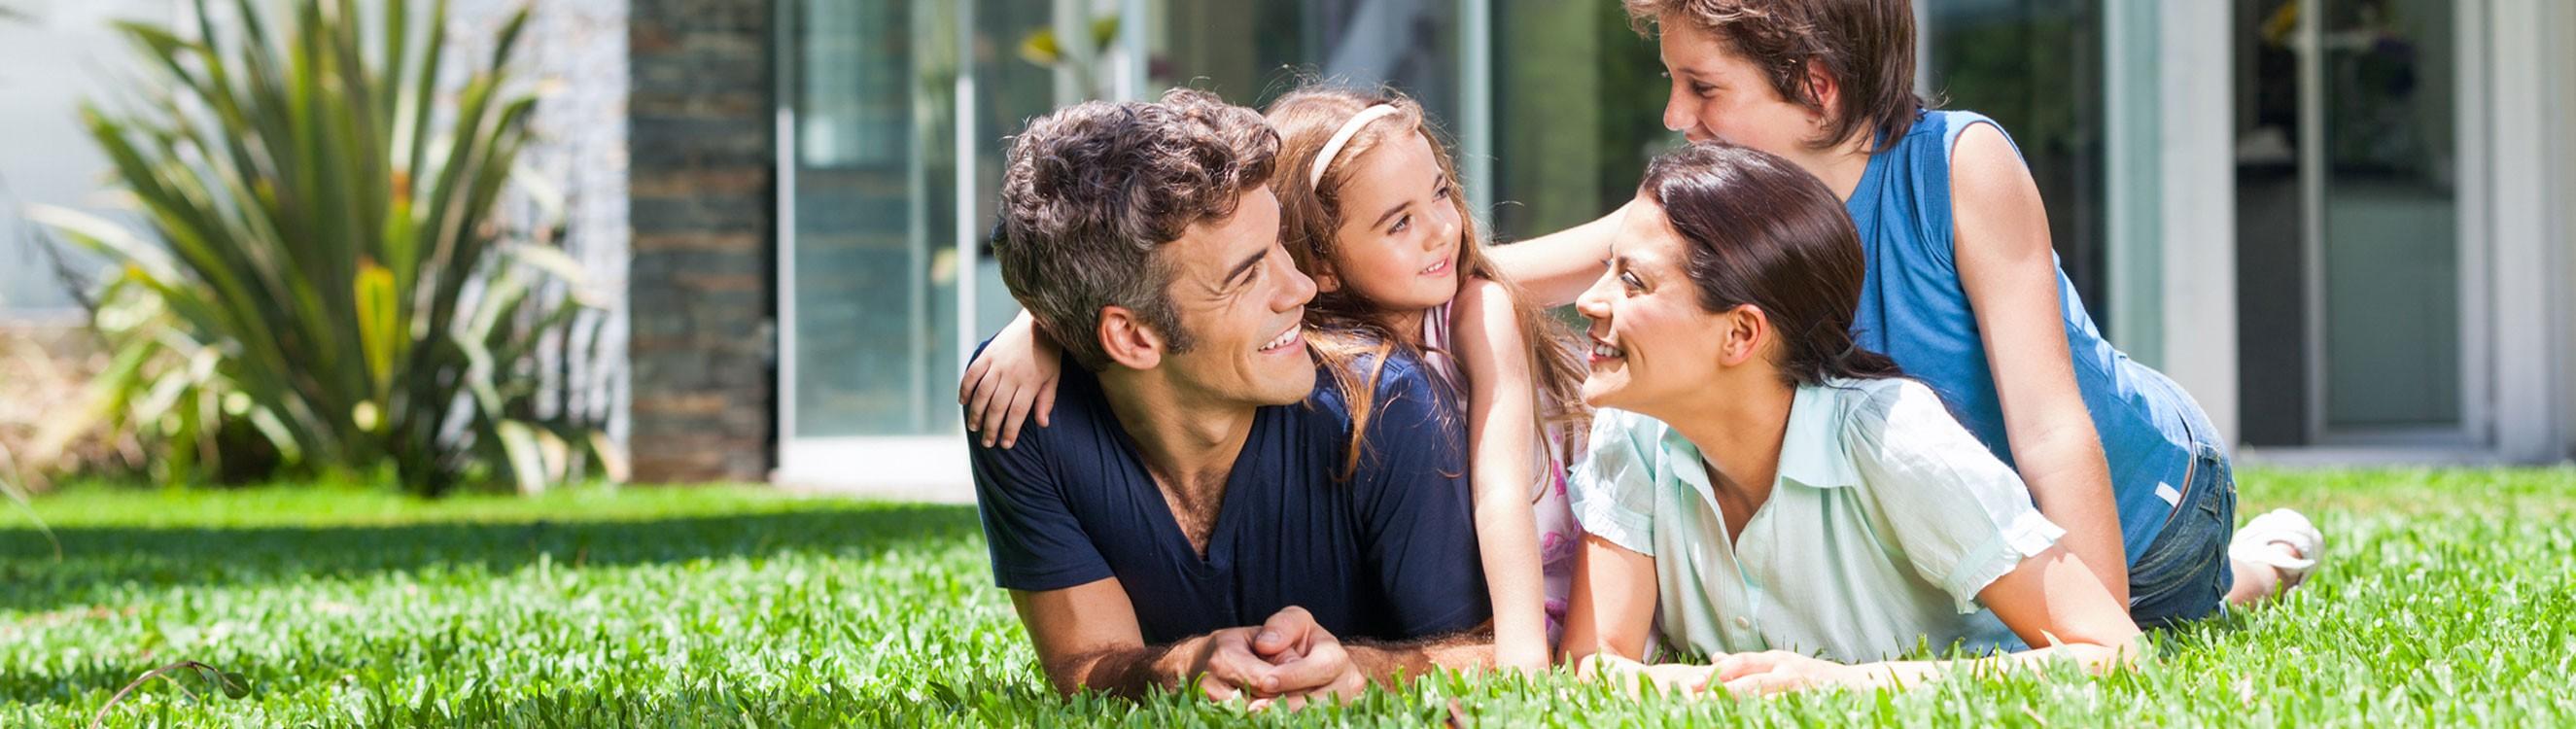 Dating-Service-Versicherung